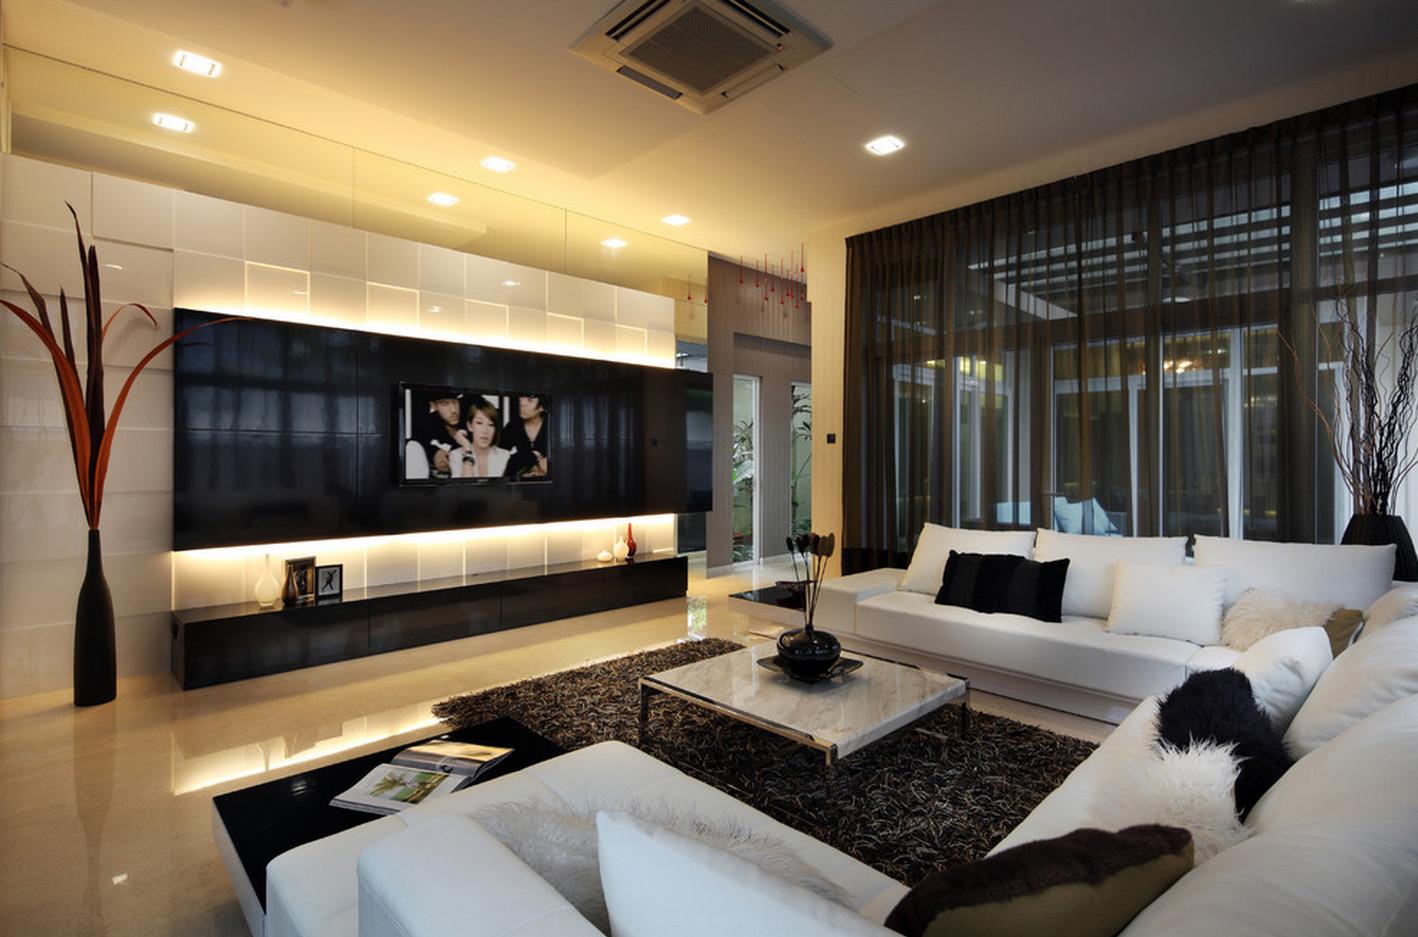 Как правильно расположить телевизор на стене